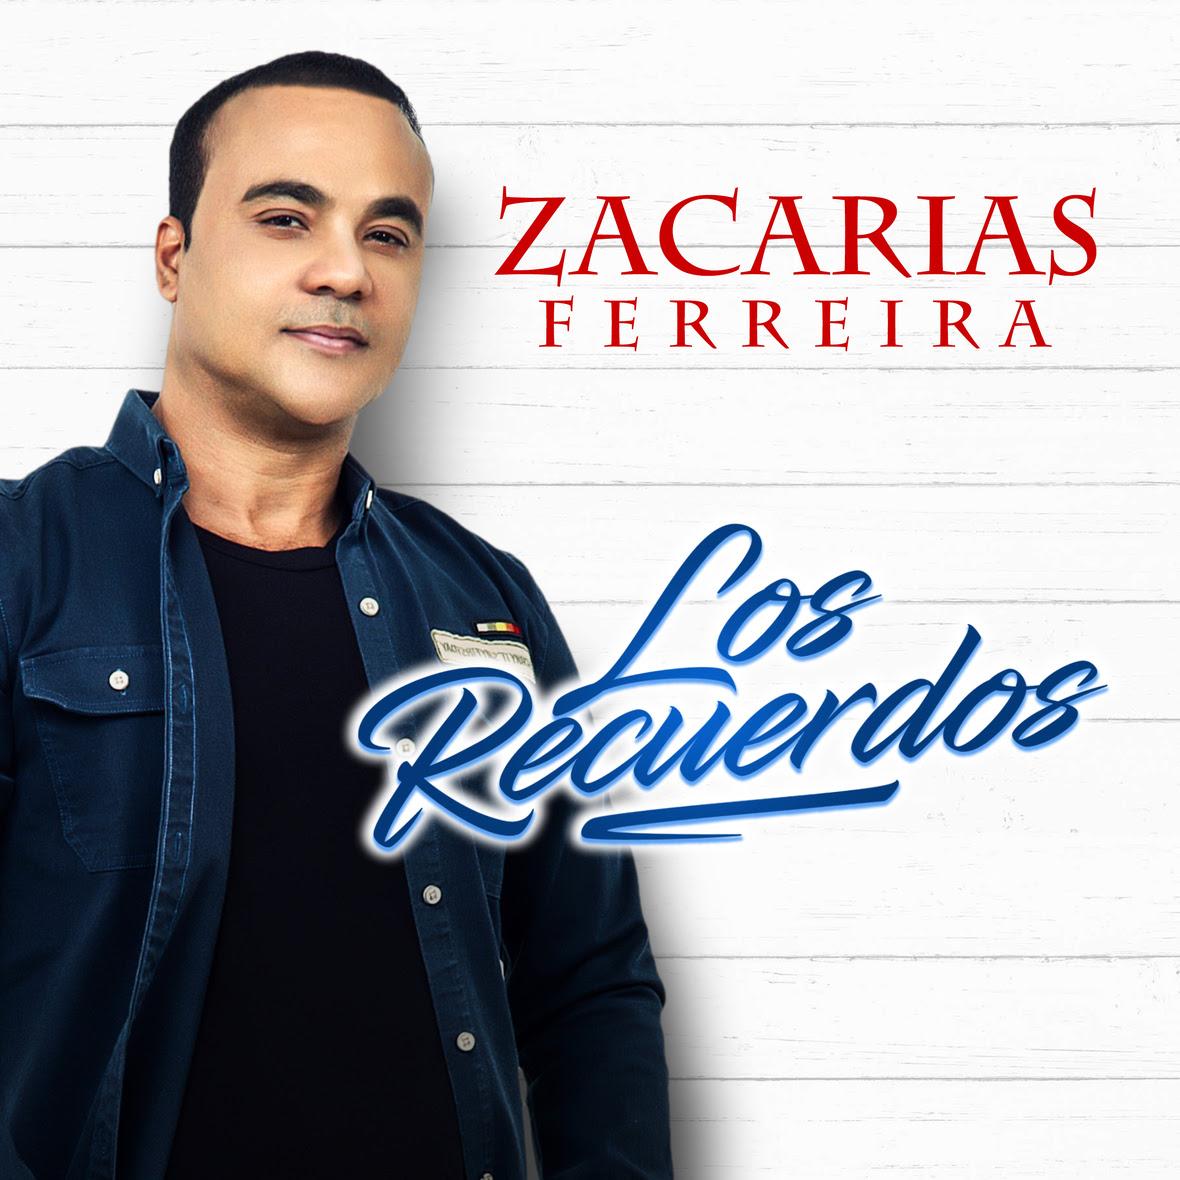 Zacarias Ferreira - Los Recuerdos